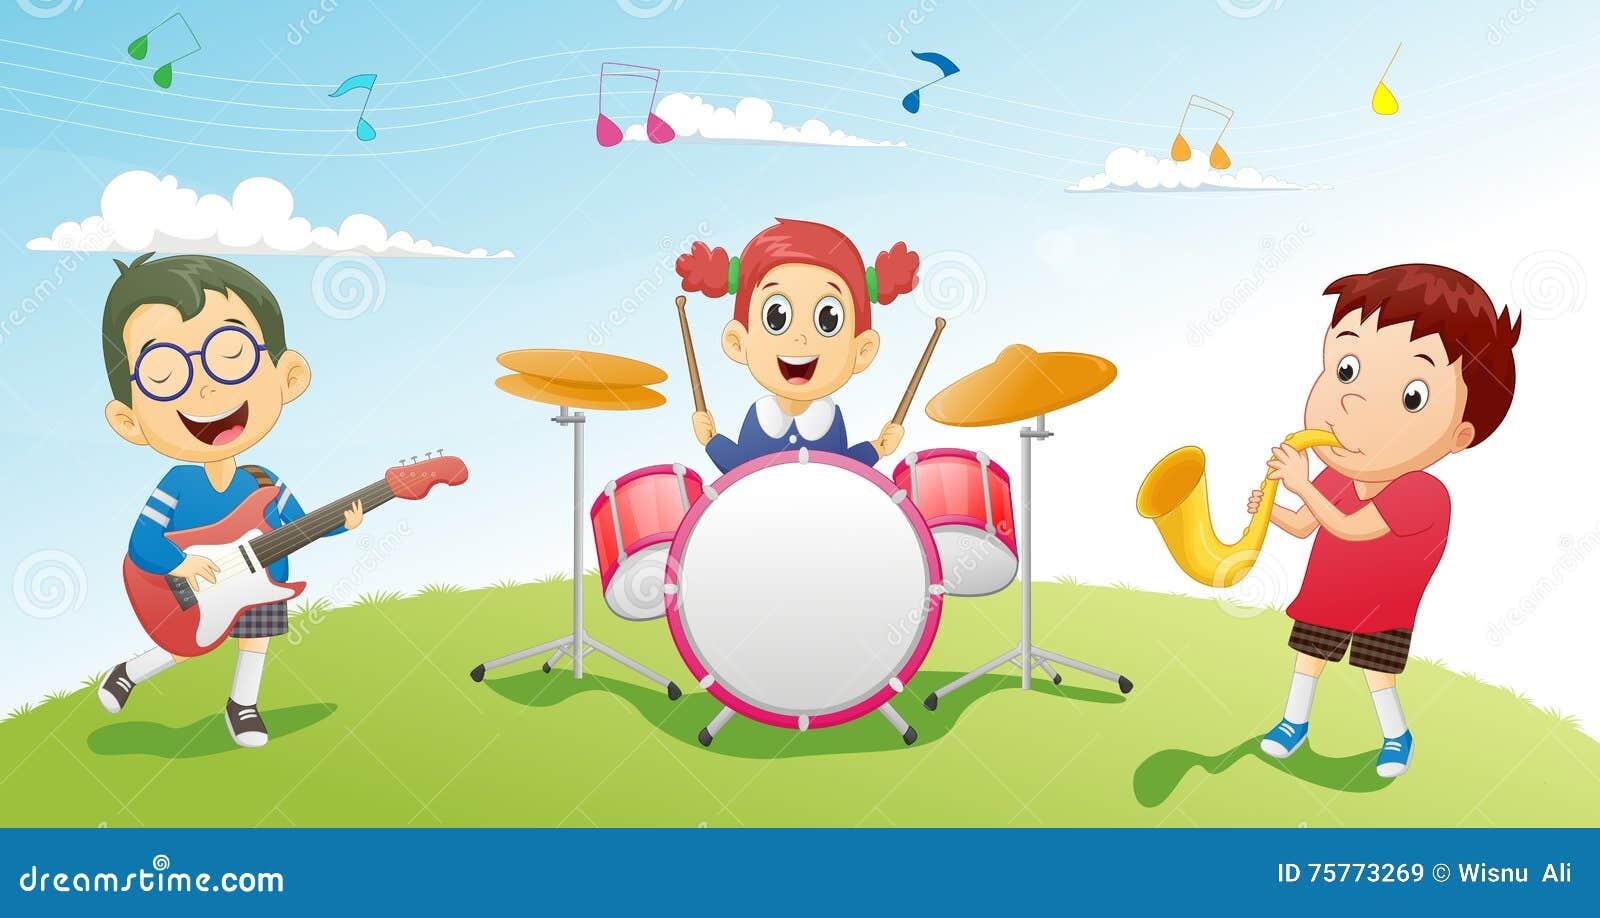 Иллюстрация детей играя аппаратуру музыки